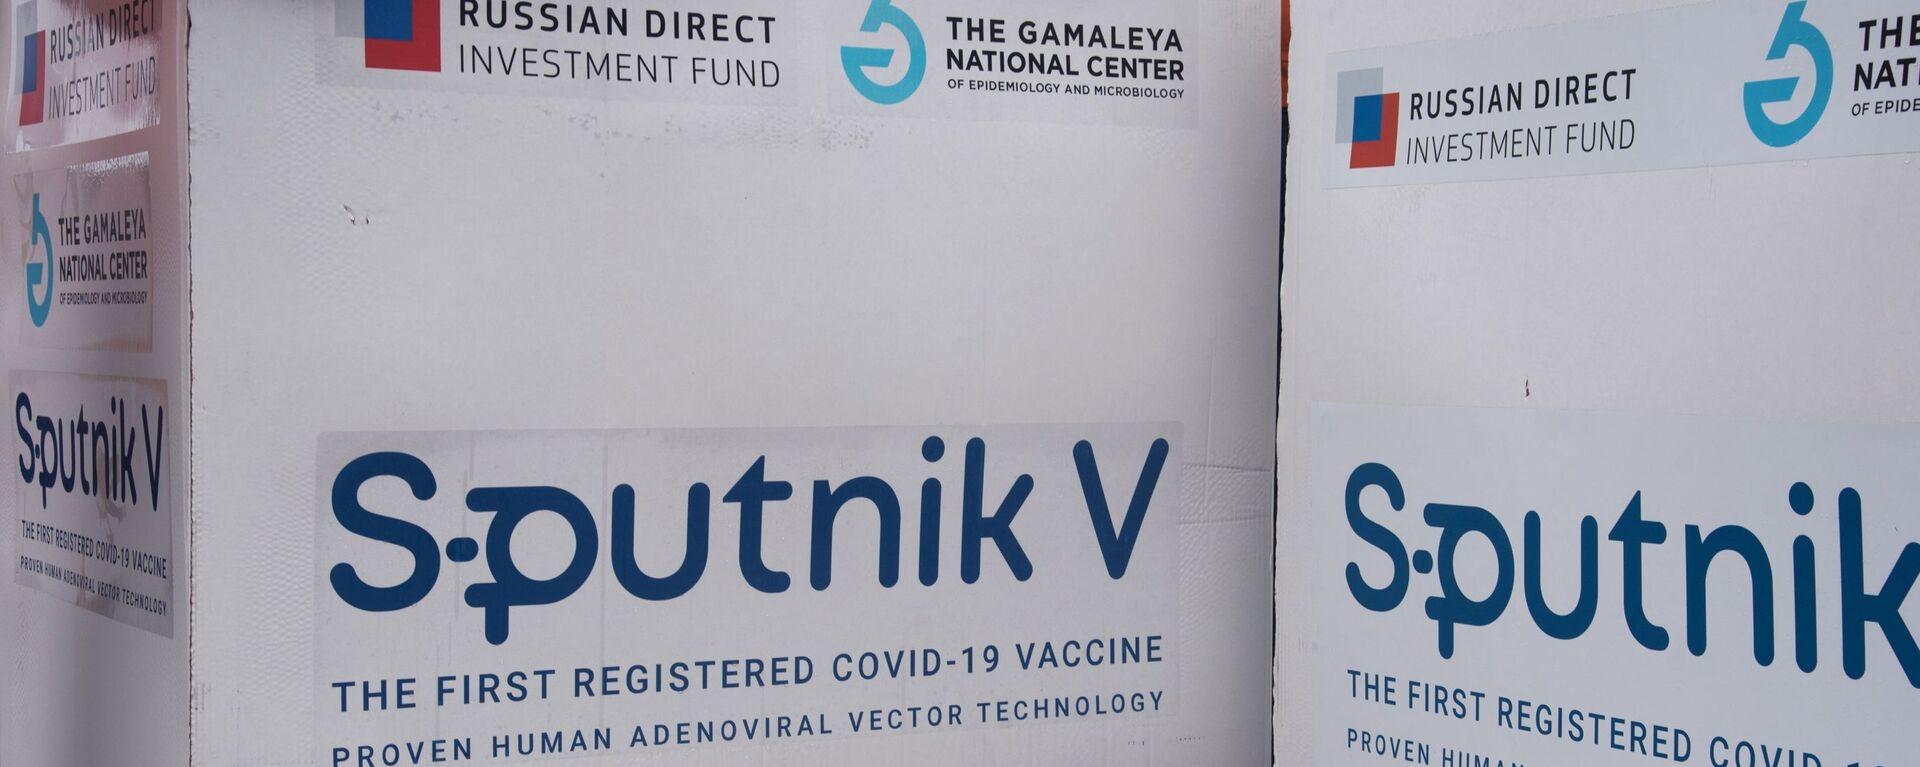 Paketi sa vakcinom protiv kovida Sputnjik Ve - Sputnik Srbija, 1920, 09.05.2021